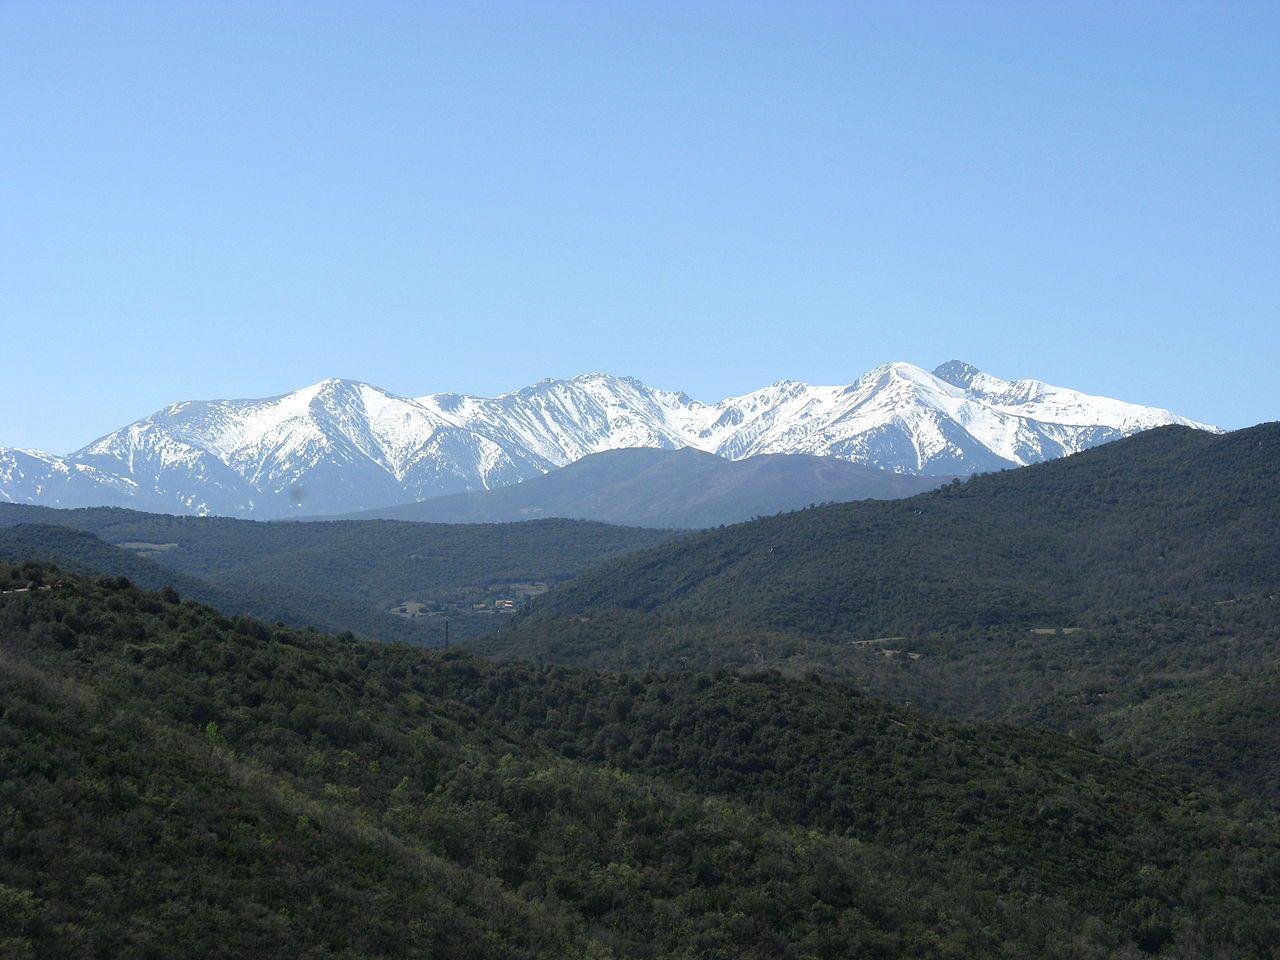 Le Canigou Vu Du Montou Pic Du Canigou Wikipedia Pic Du Canigou Canigou Pyrenees Orientales